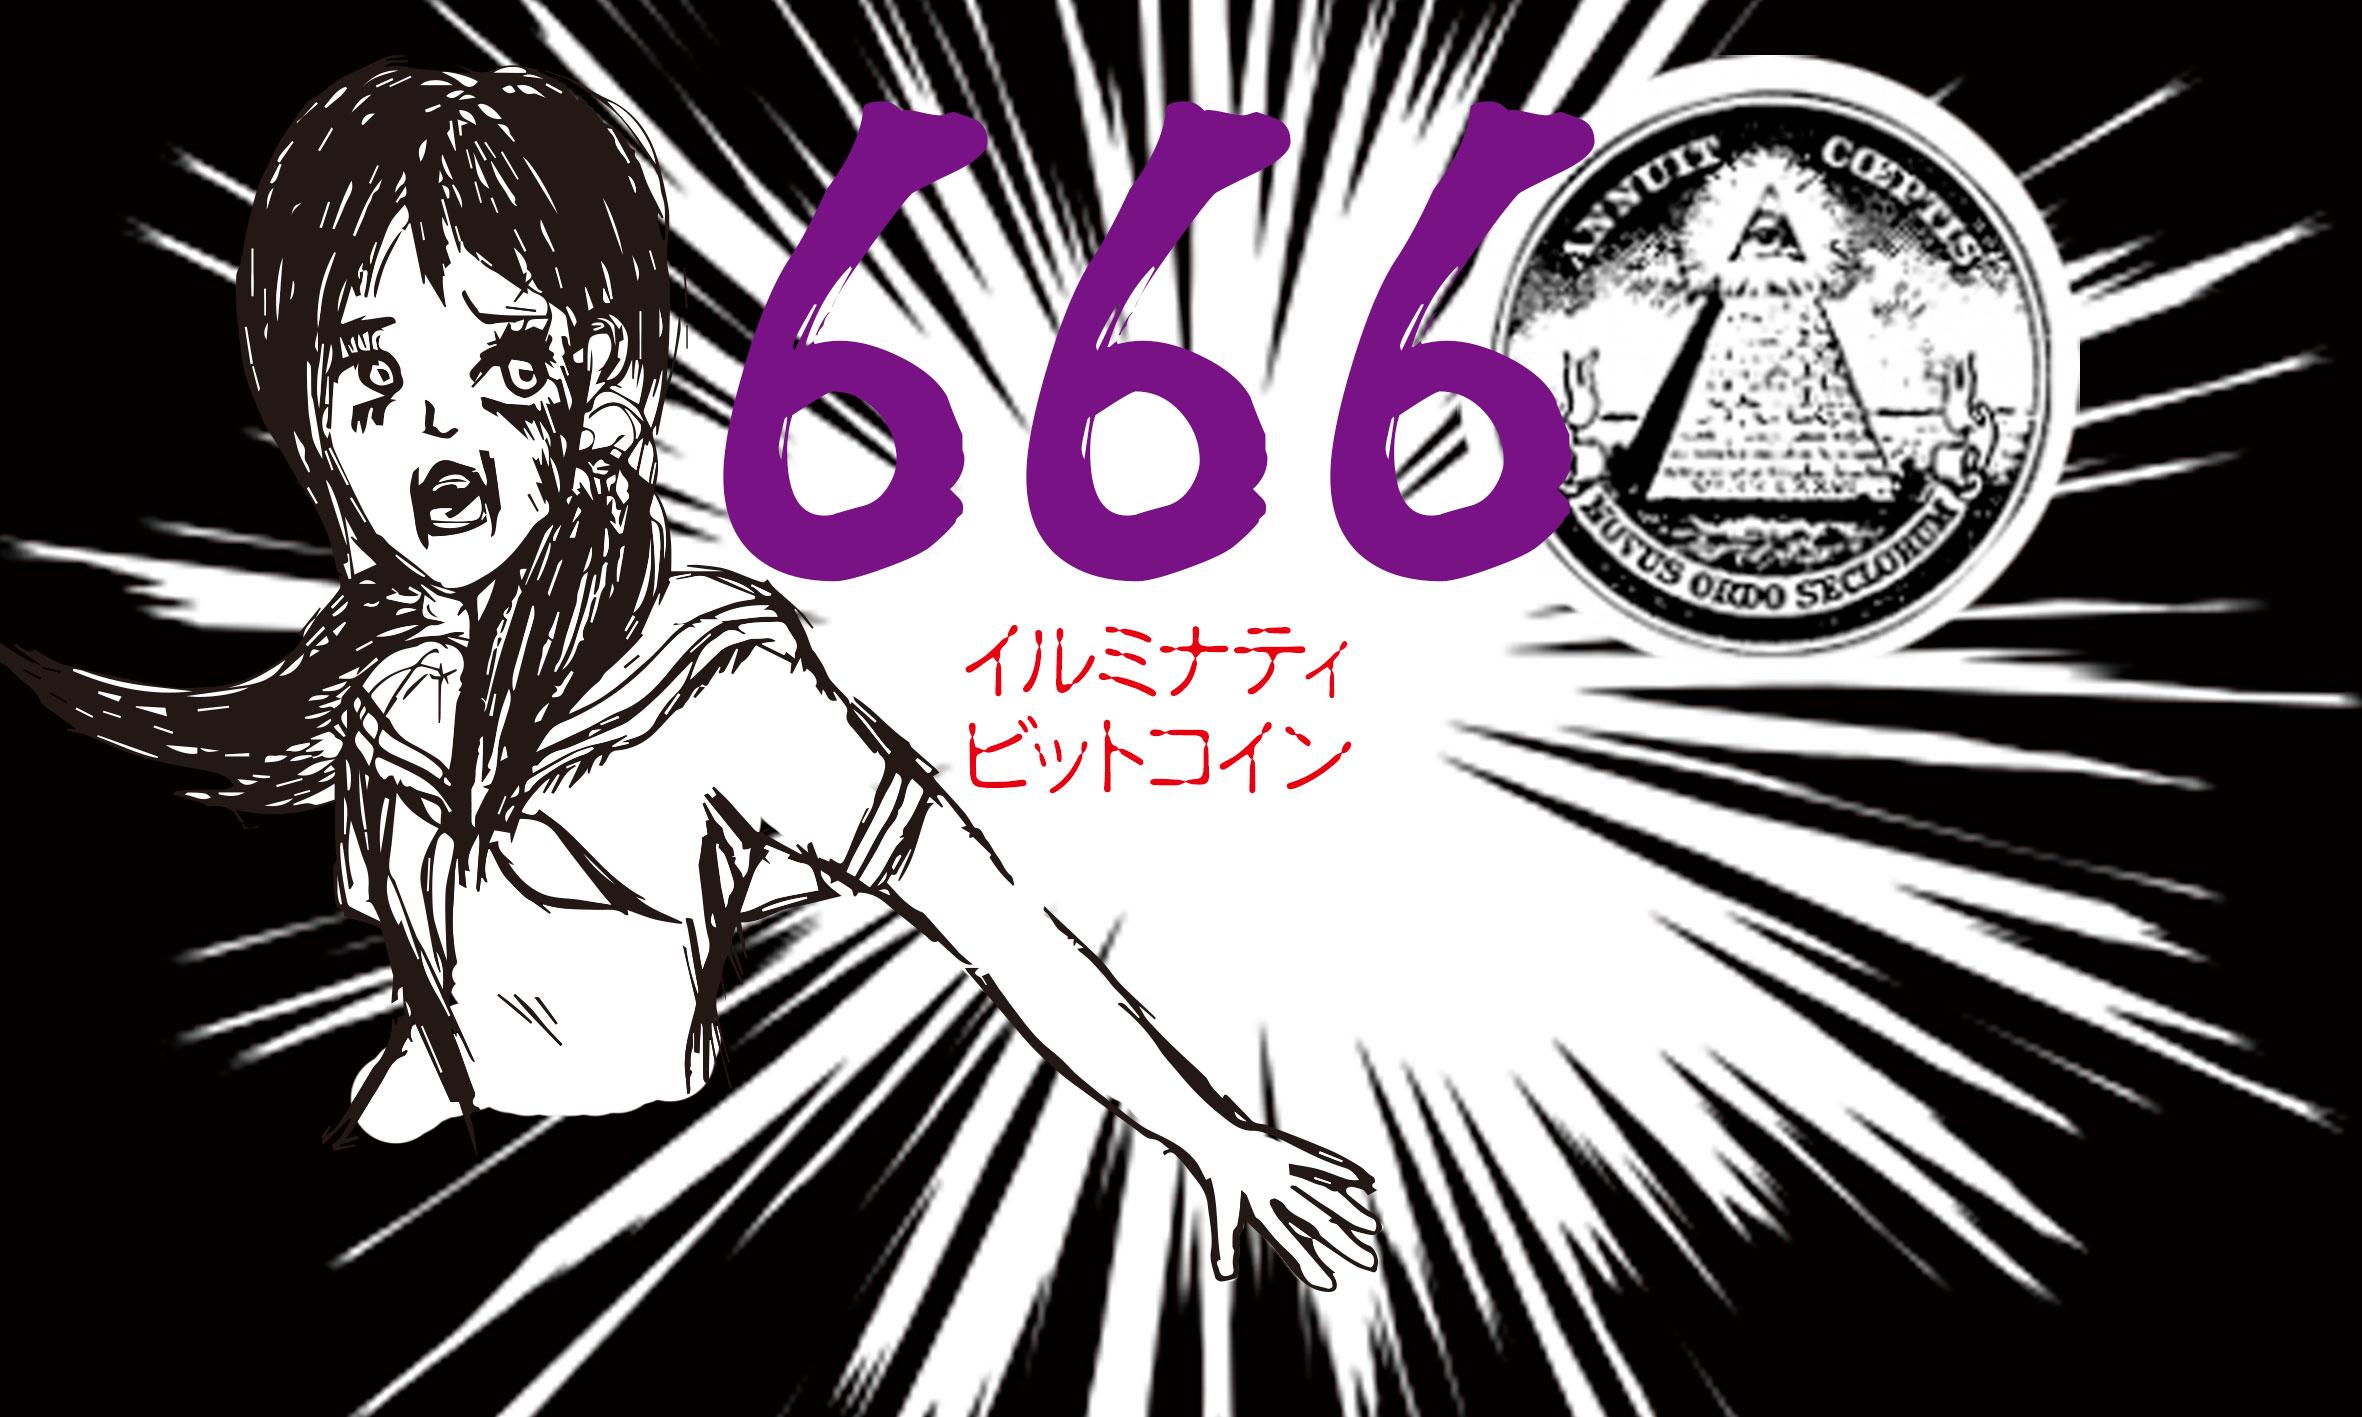 666 イルミナティ ビットコイン alis